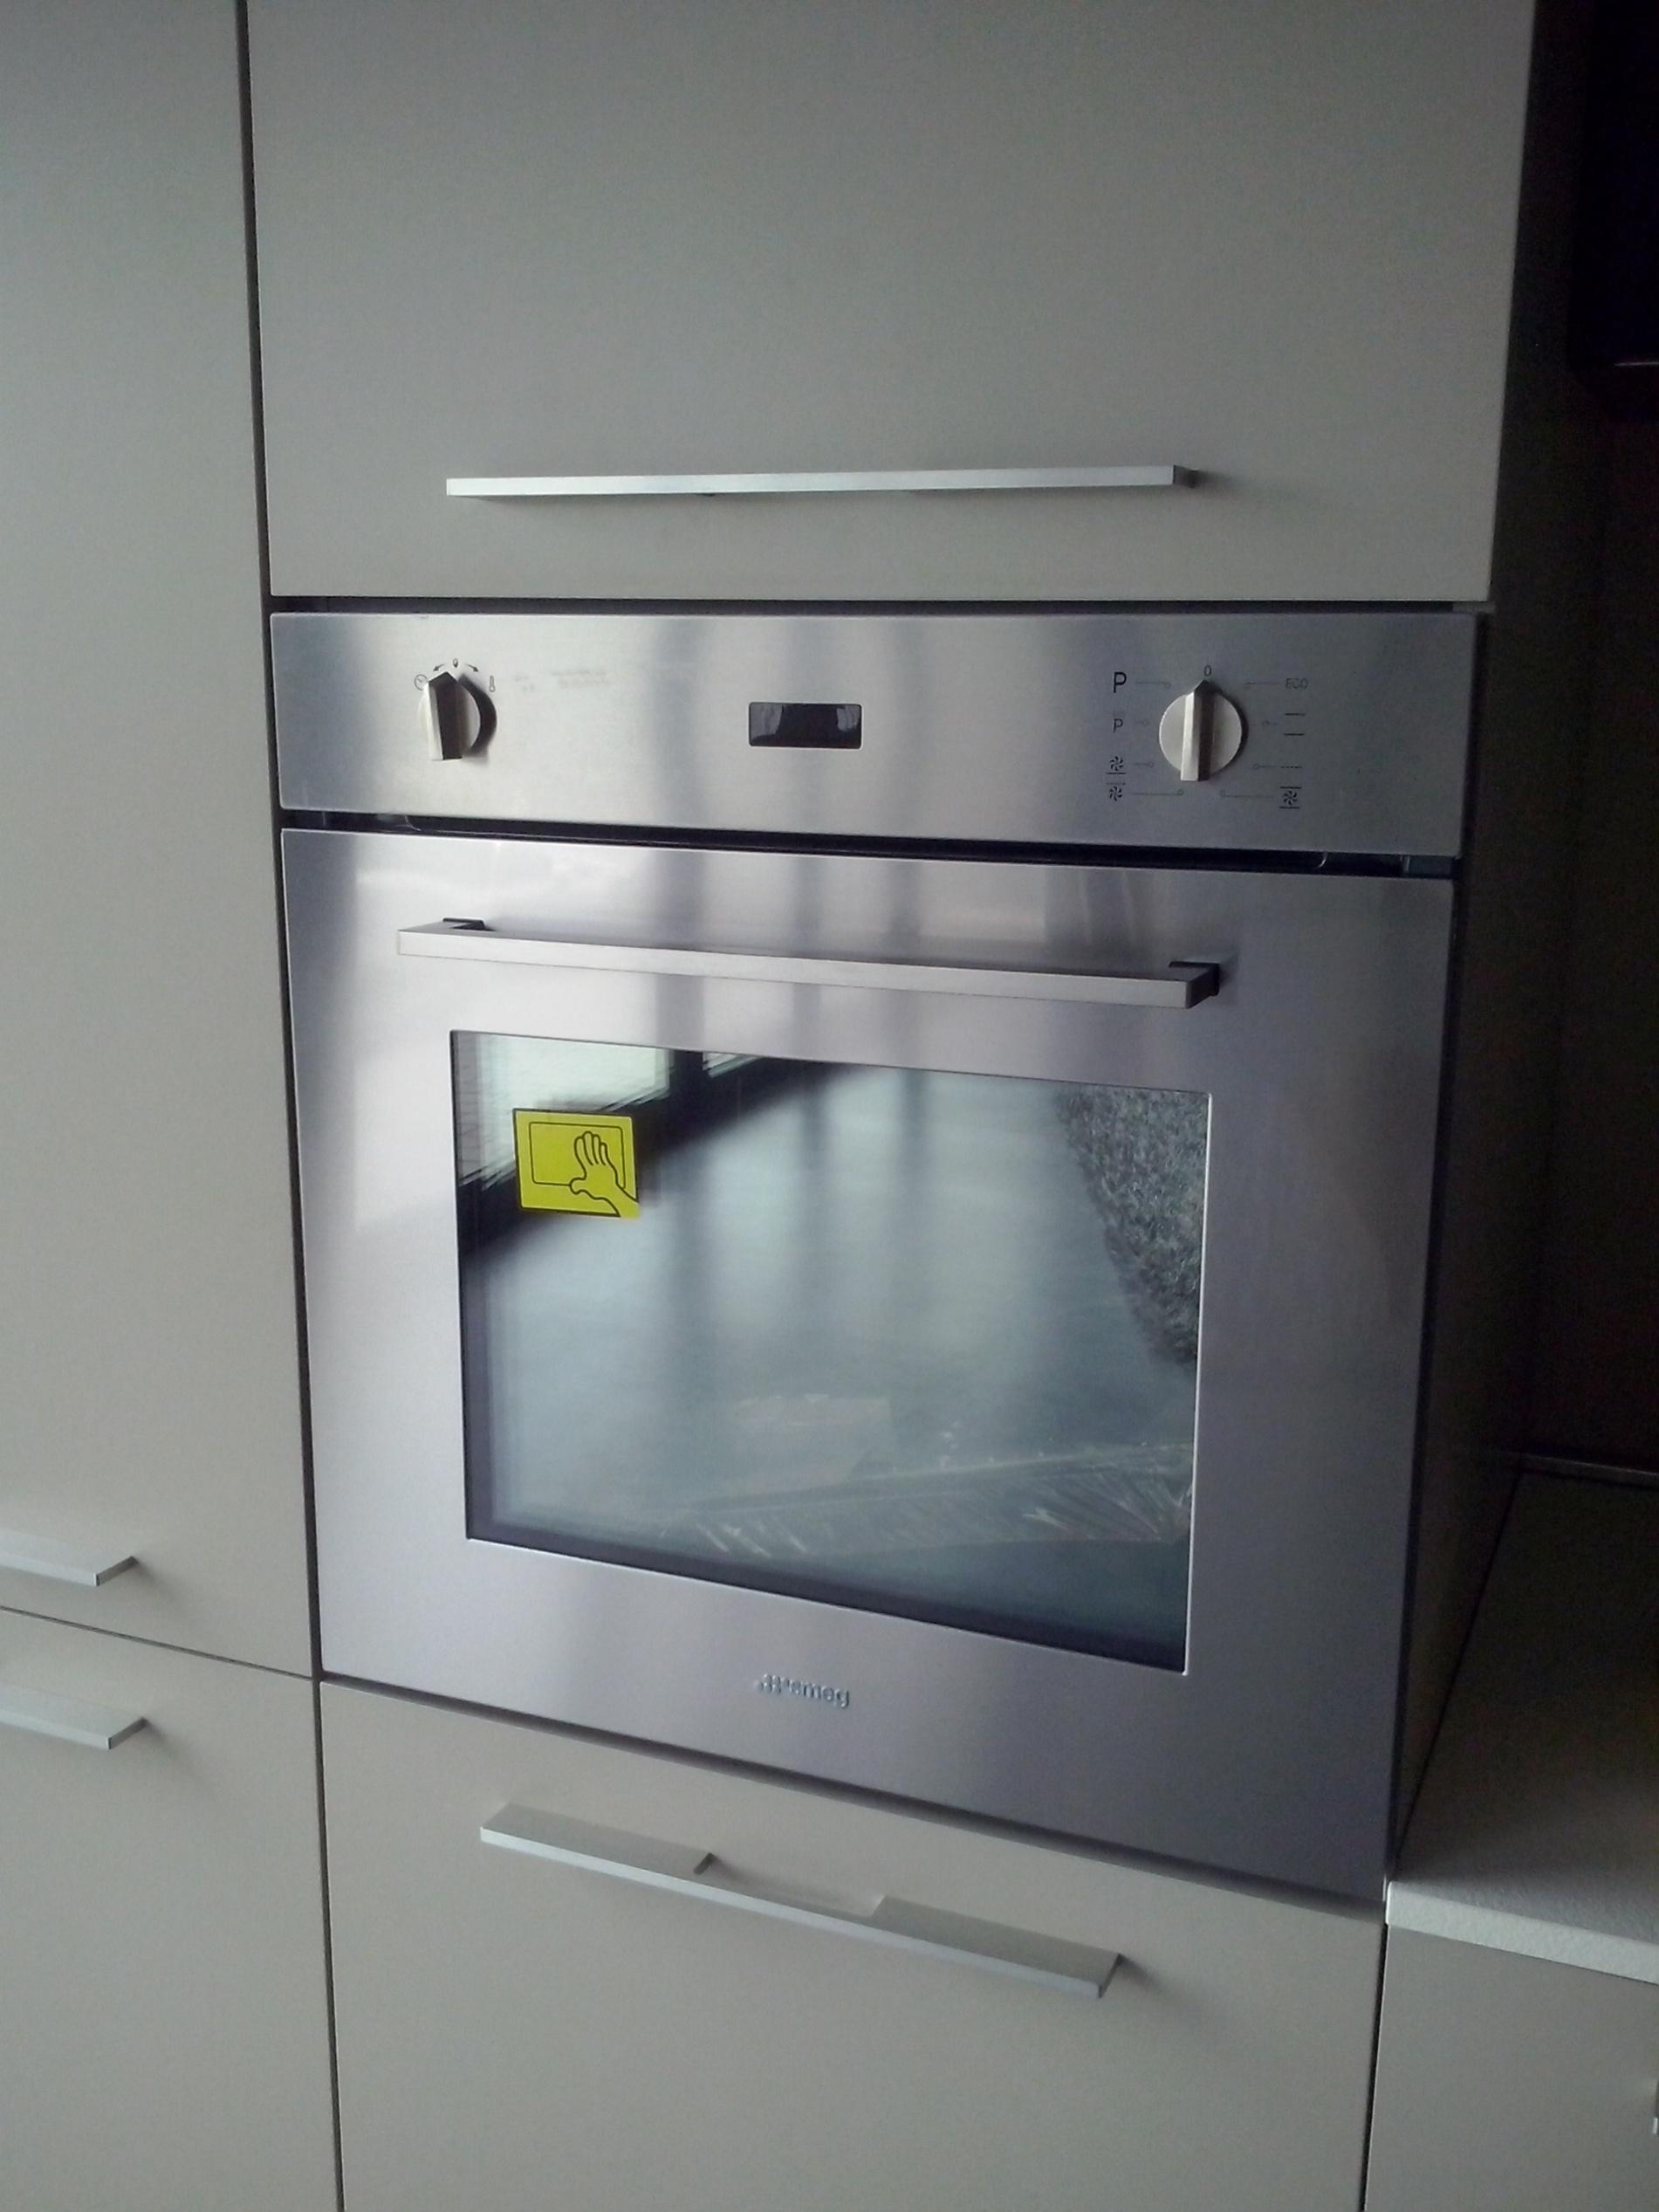 Cucina ged cucine energy moderna cucine a prezzi scontati - Asciugatrice colori diversi ...